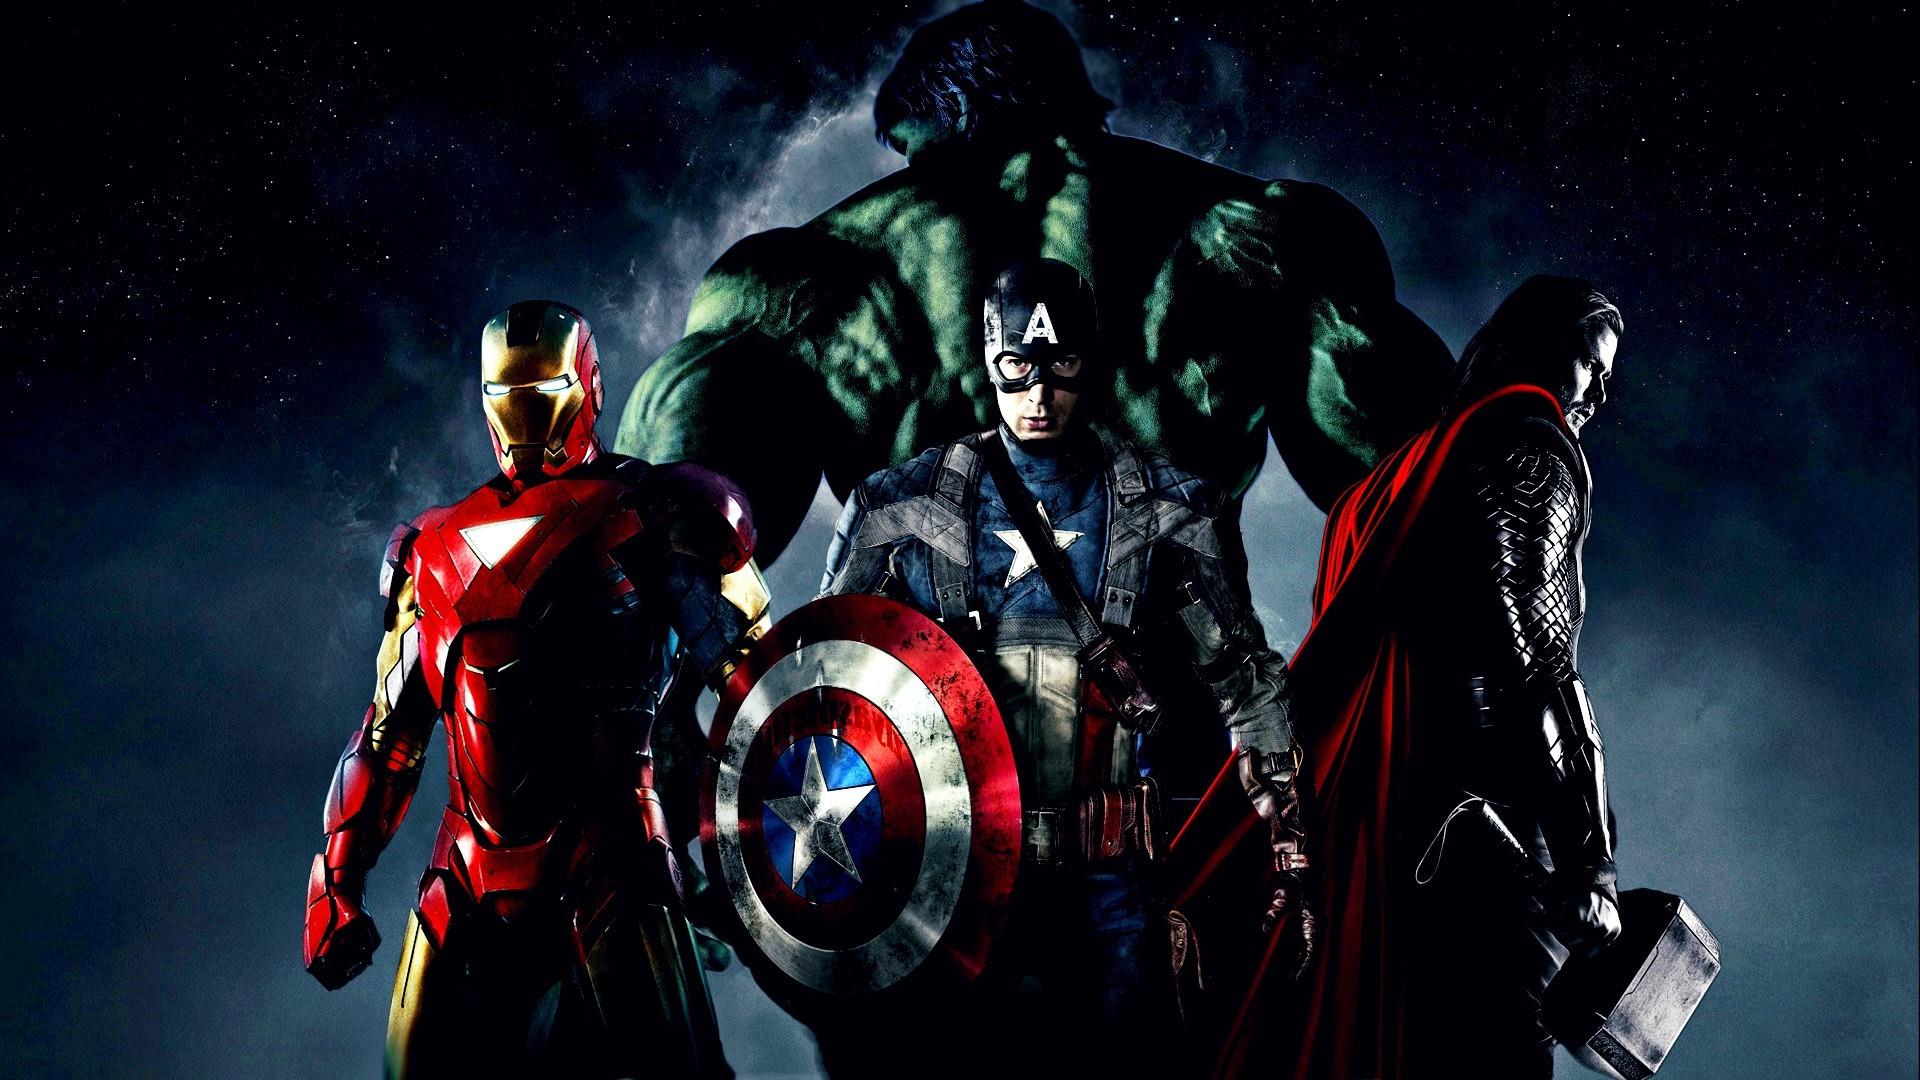 wallpaper 1920x1080 px avengers